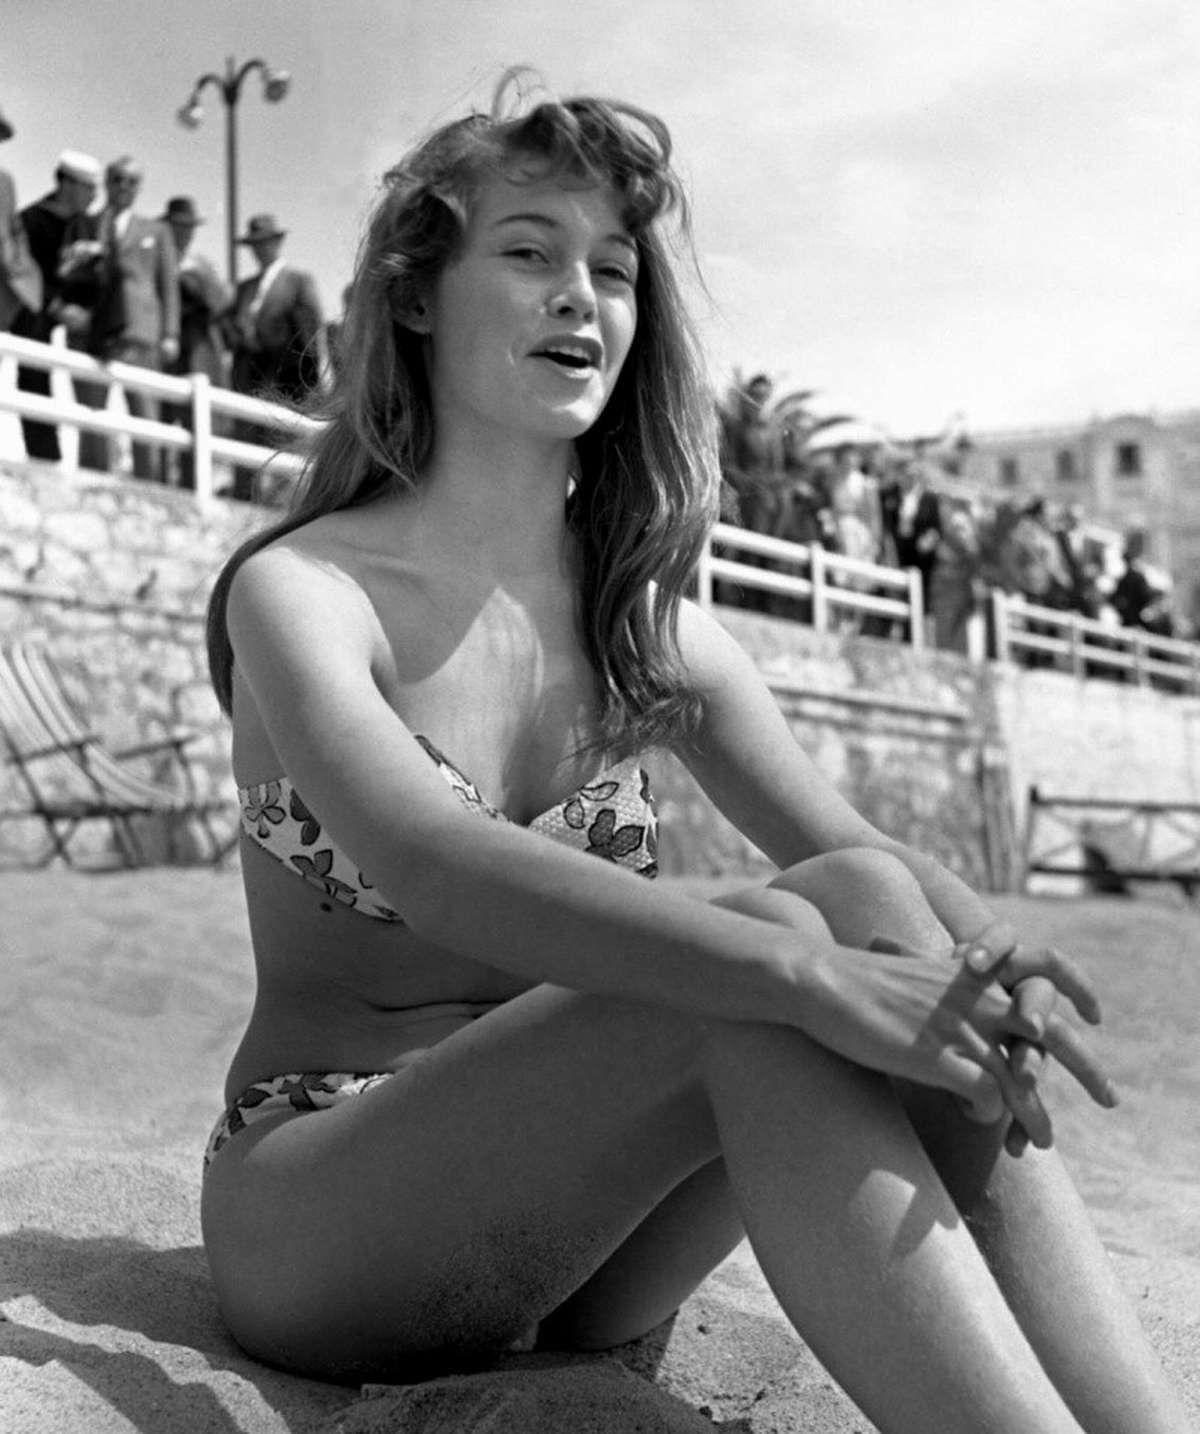 Bikini brigitte bardot